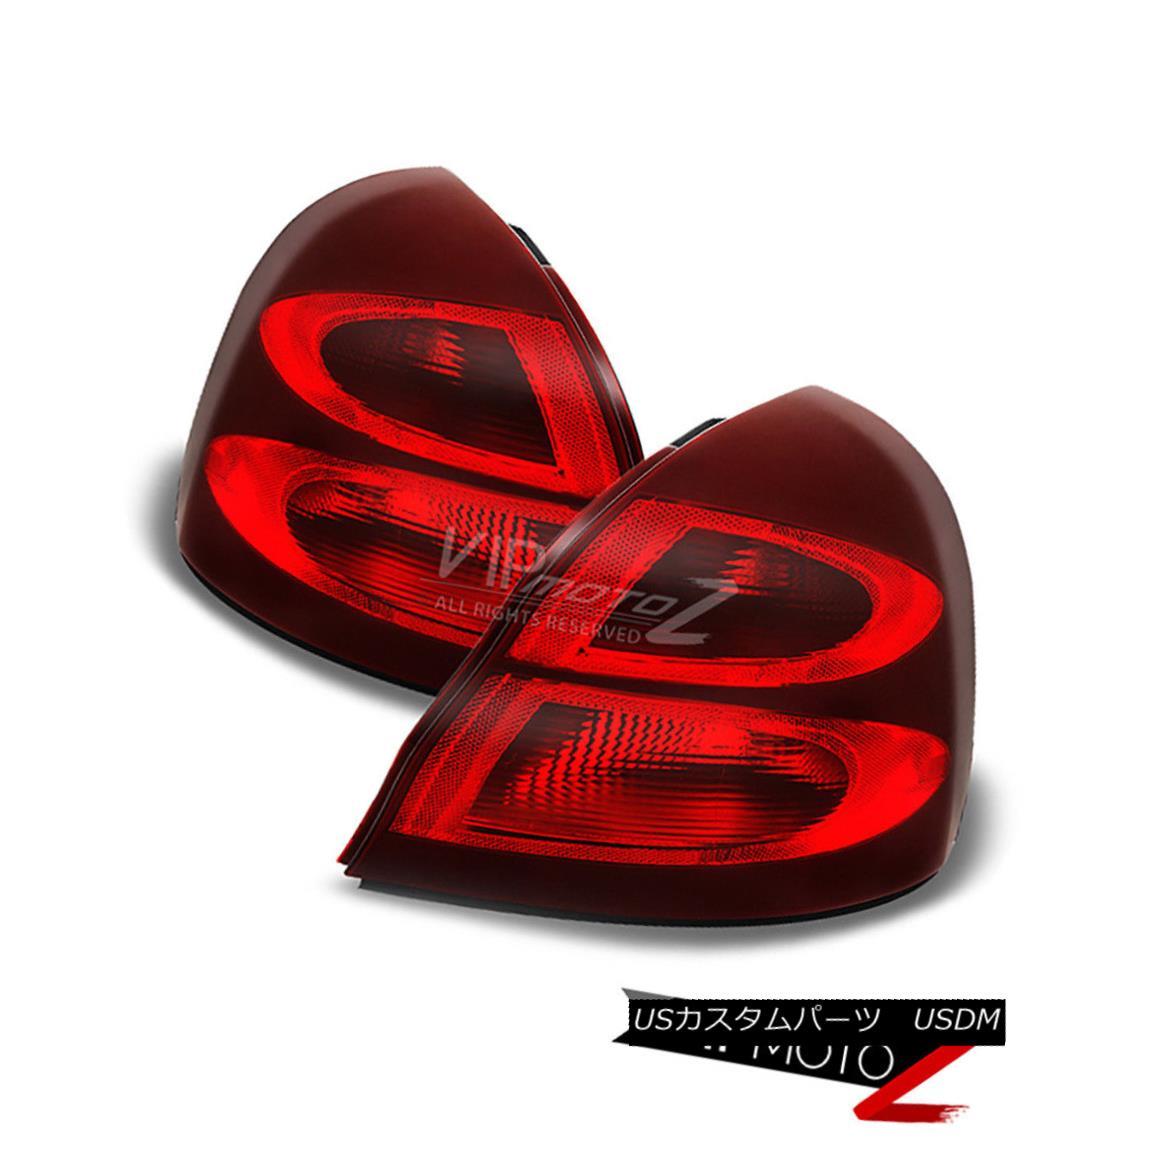 テールライト Pontiac Grand Prix 2004-2008 OE Style Tail Light Lamps Assembly w/Wiring Harness ポンティアックグランプリ2004-2008 OEスタイルテールライトランプ組立/配線ハーネス